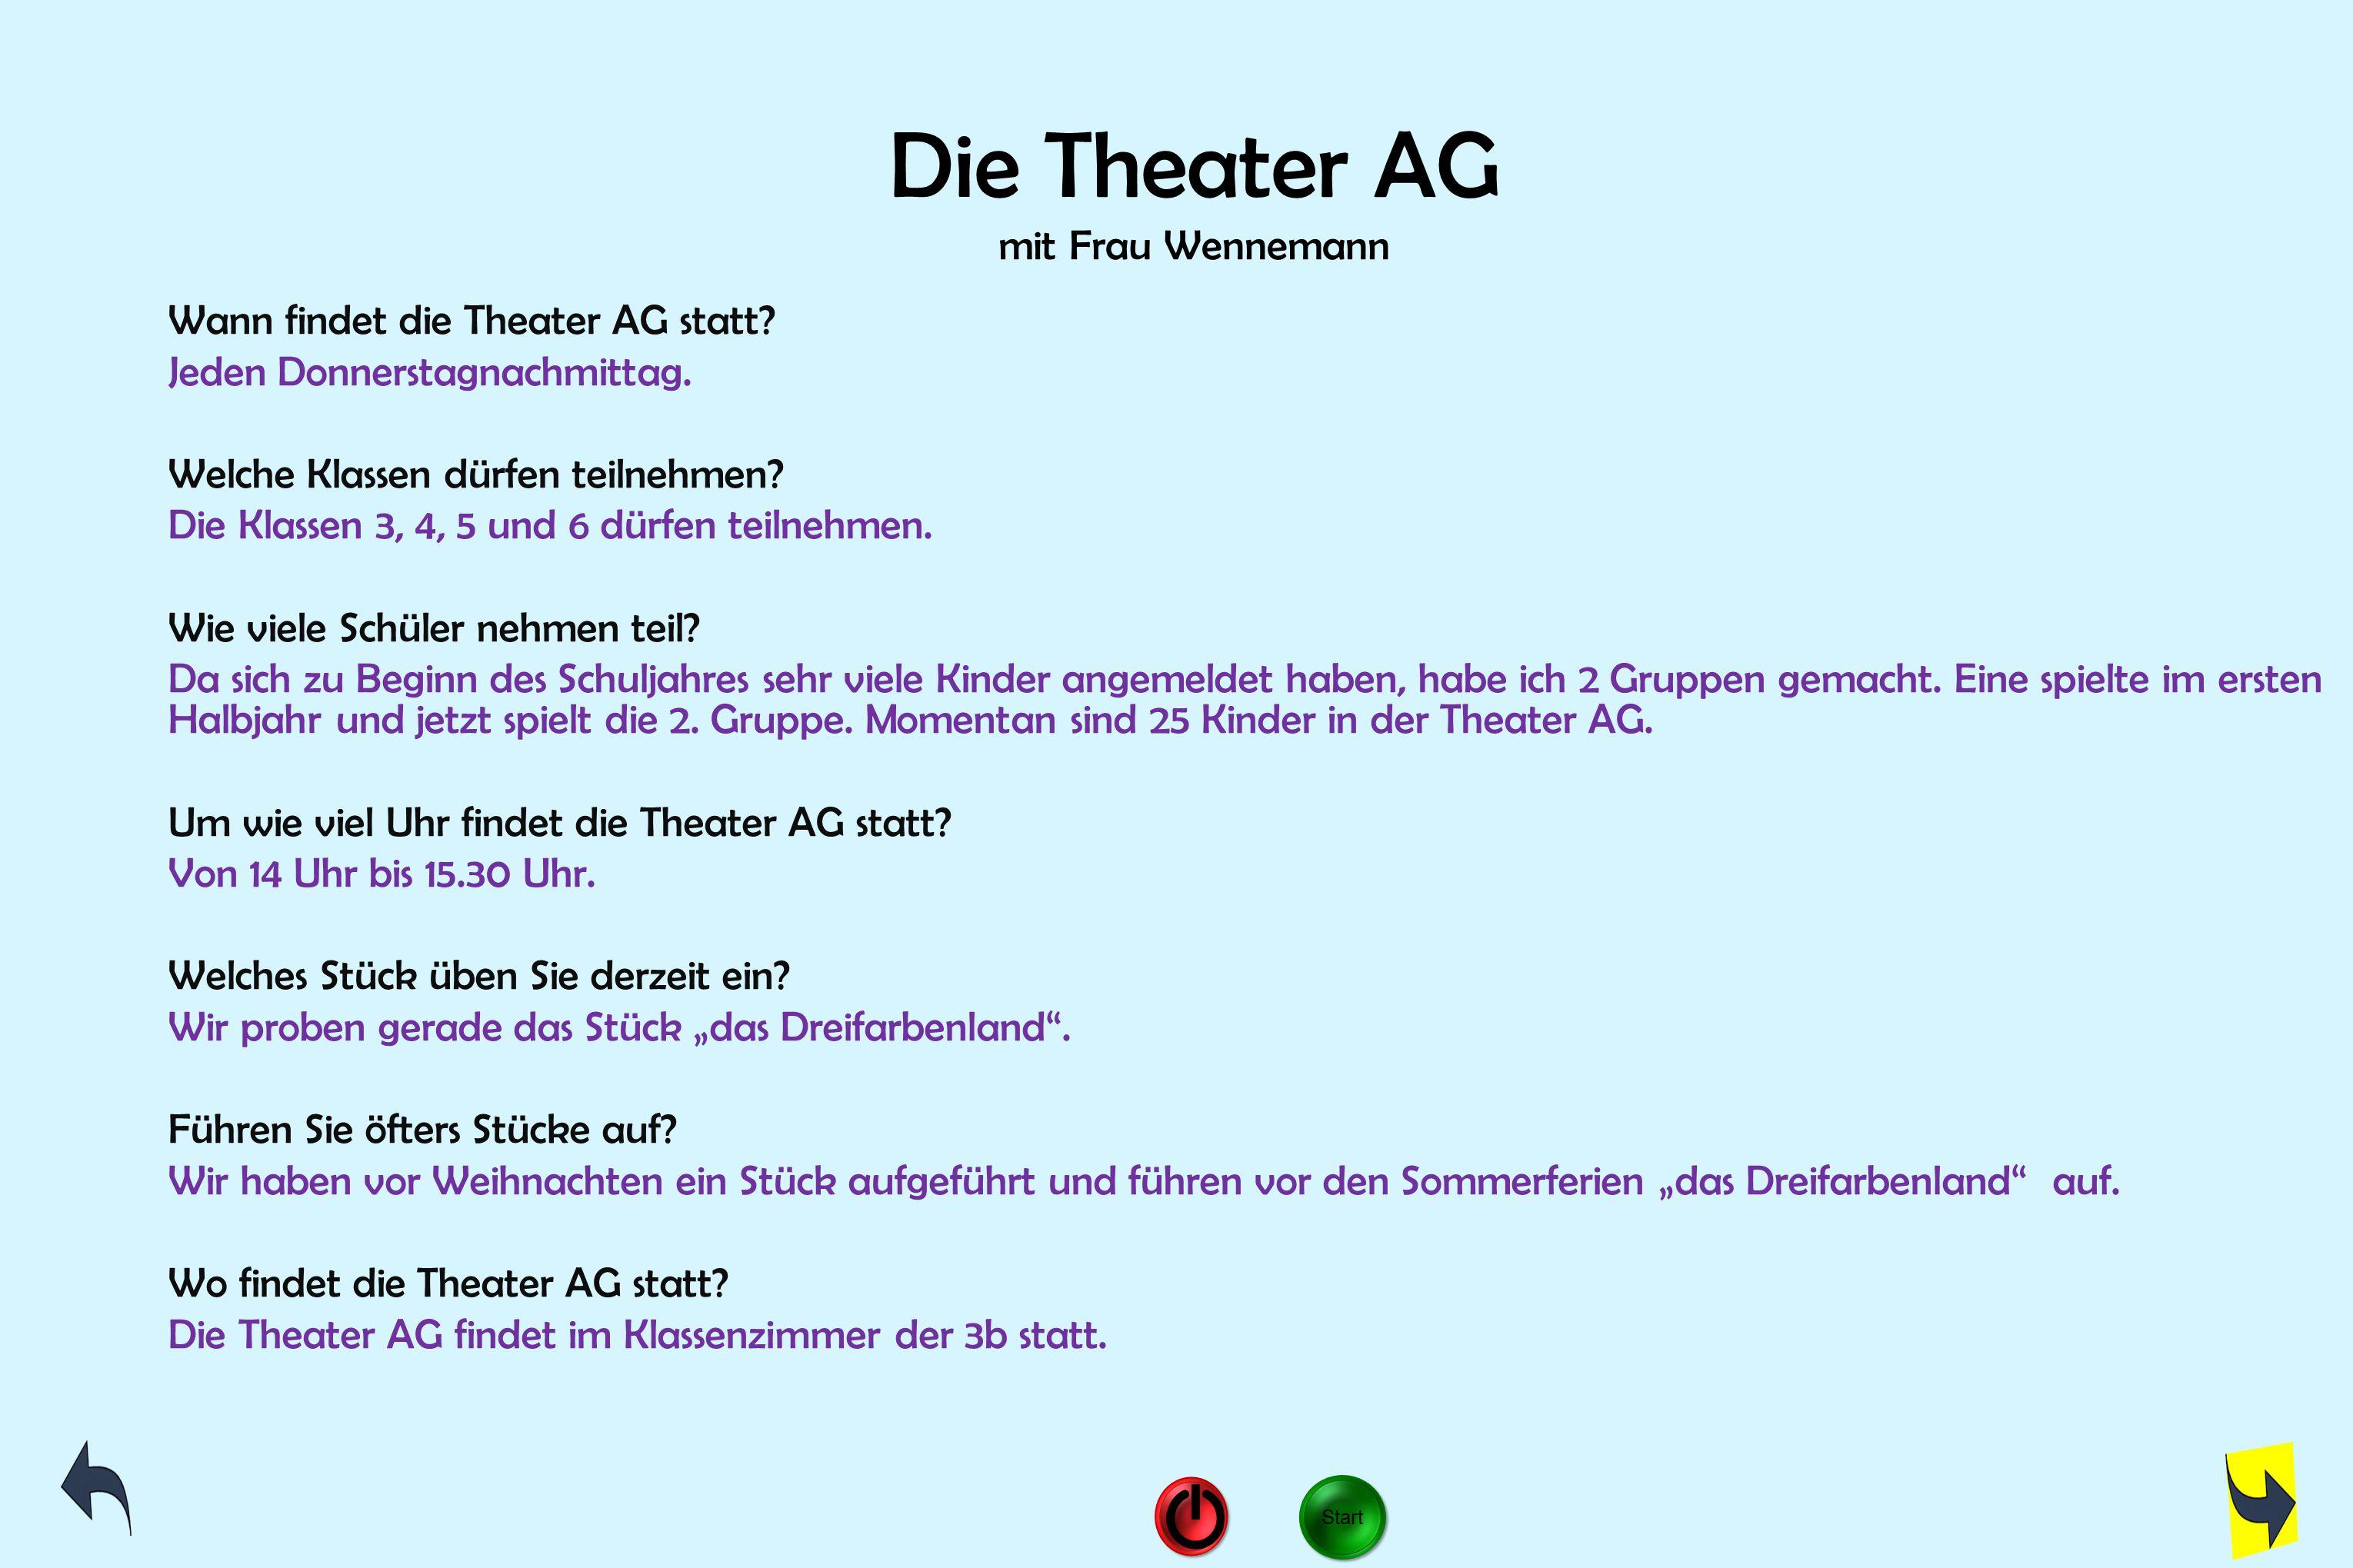 Die Theater AG mit Frau Wennemann Wann findet die Theater AG statt? Jeden Donnerstagnachmittag. Welche Klassen dürfen teilnehmen? Die Klassen 3, 4, 5